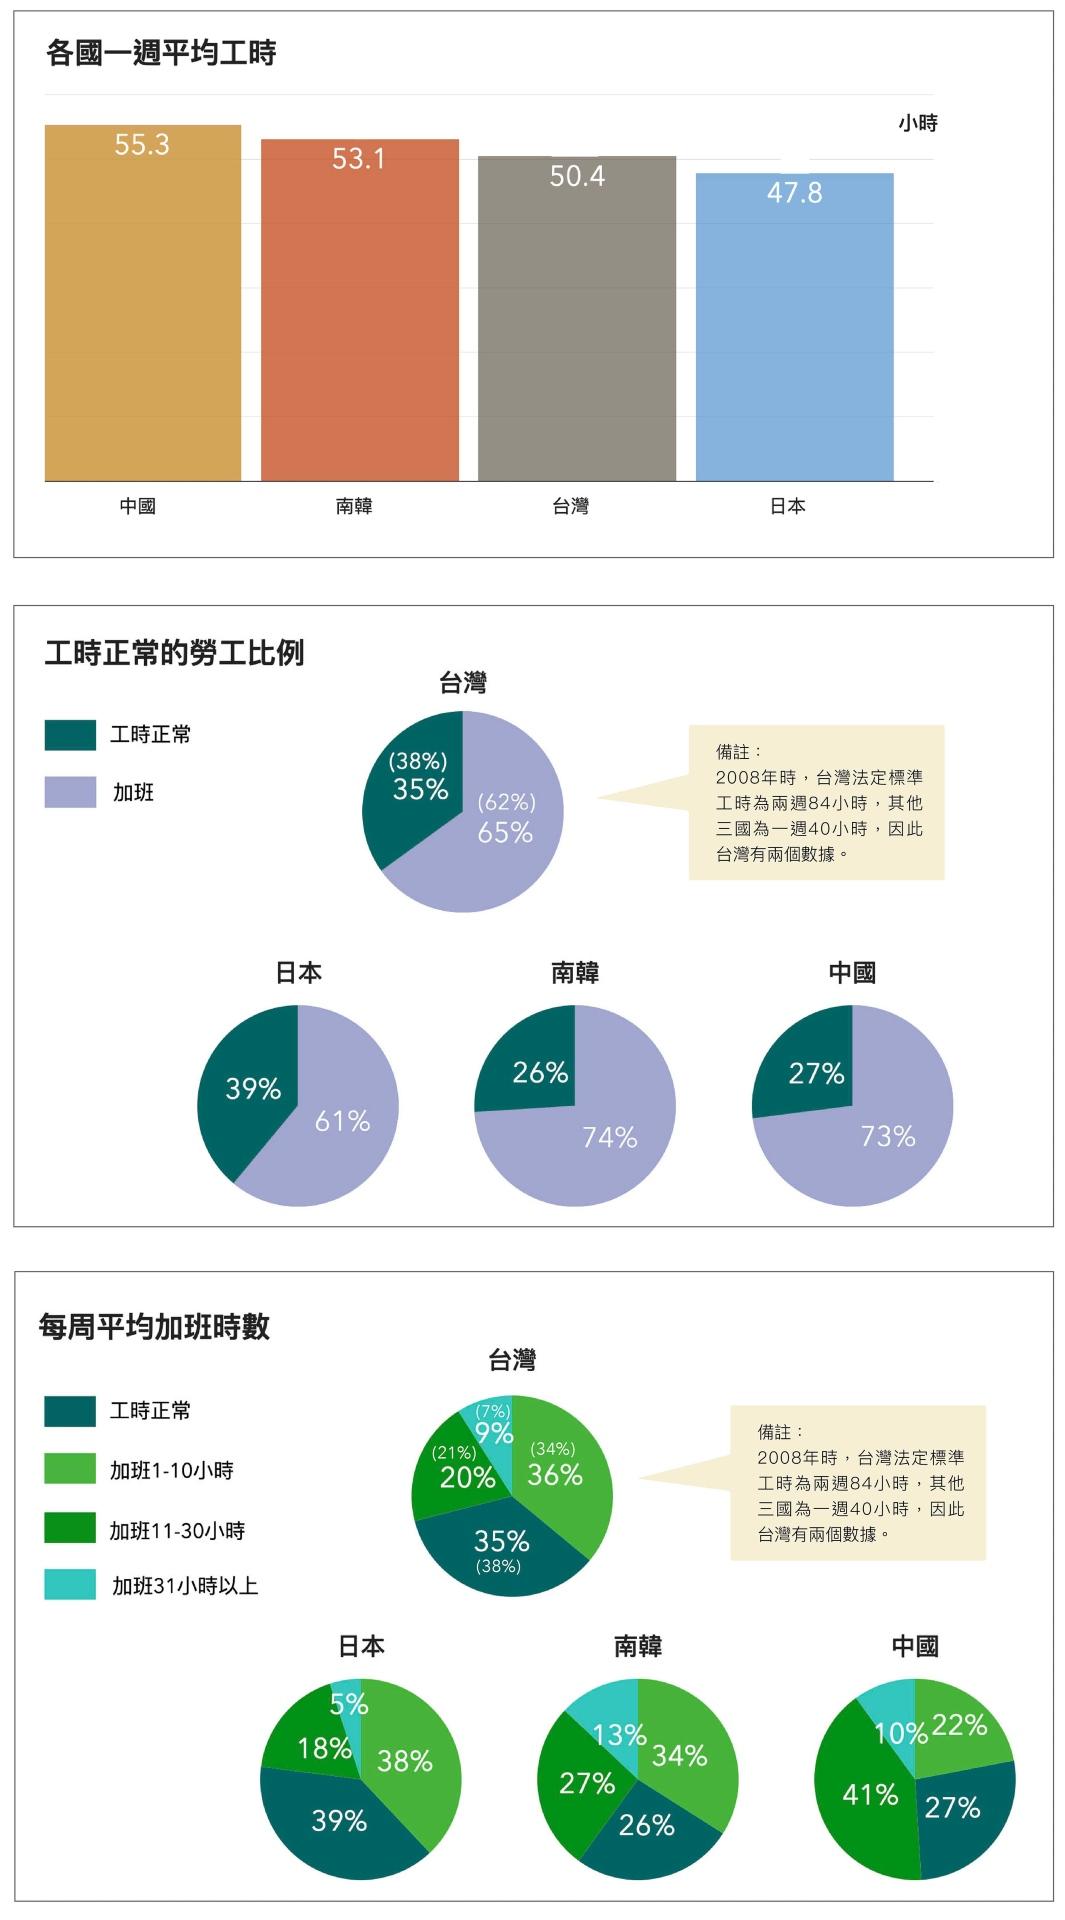 依據 2008 年東亞社會調查問卷資料,以每週工時來看,從高至低依序為中國、韓國、台灣、日本,但四國都有超過 6 成勞工要加班。 圖│研之有物